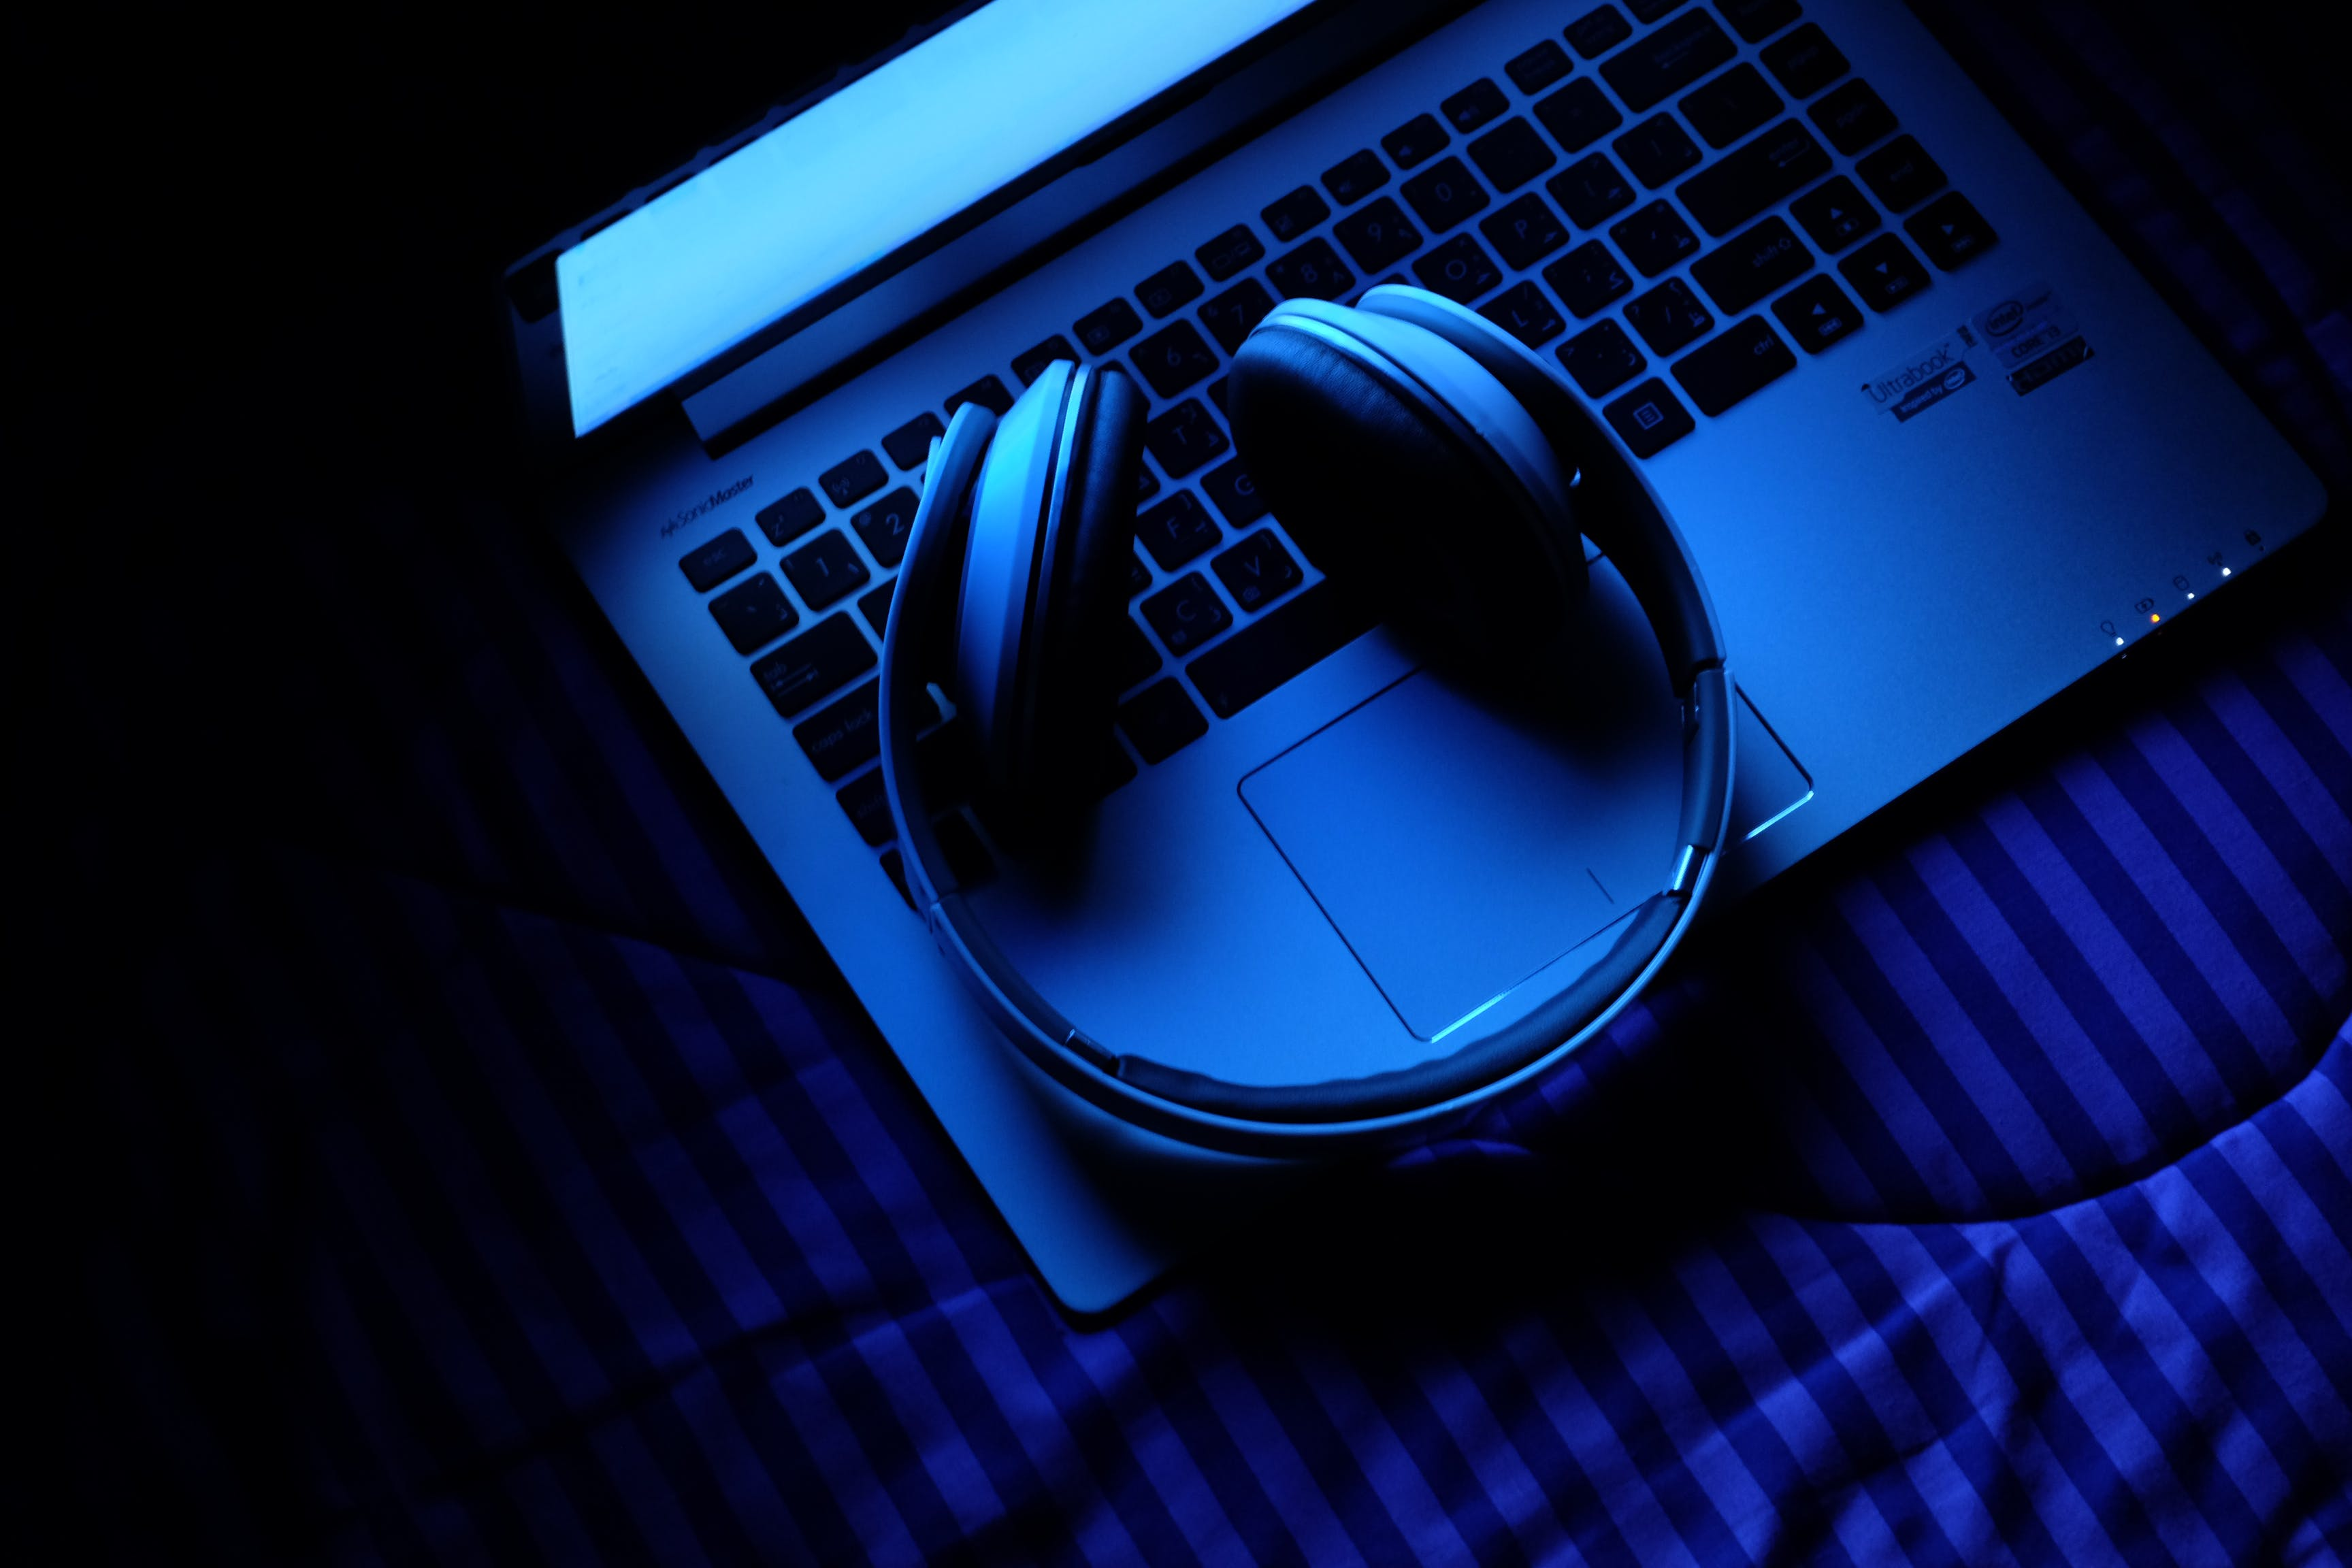 Foto profissional grátis de caderno, computador portátil, fones de ouvido, música